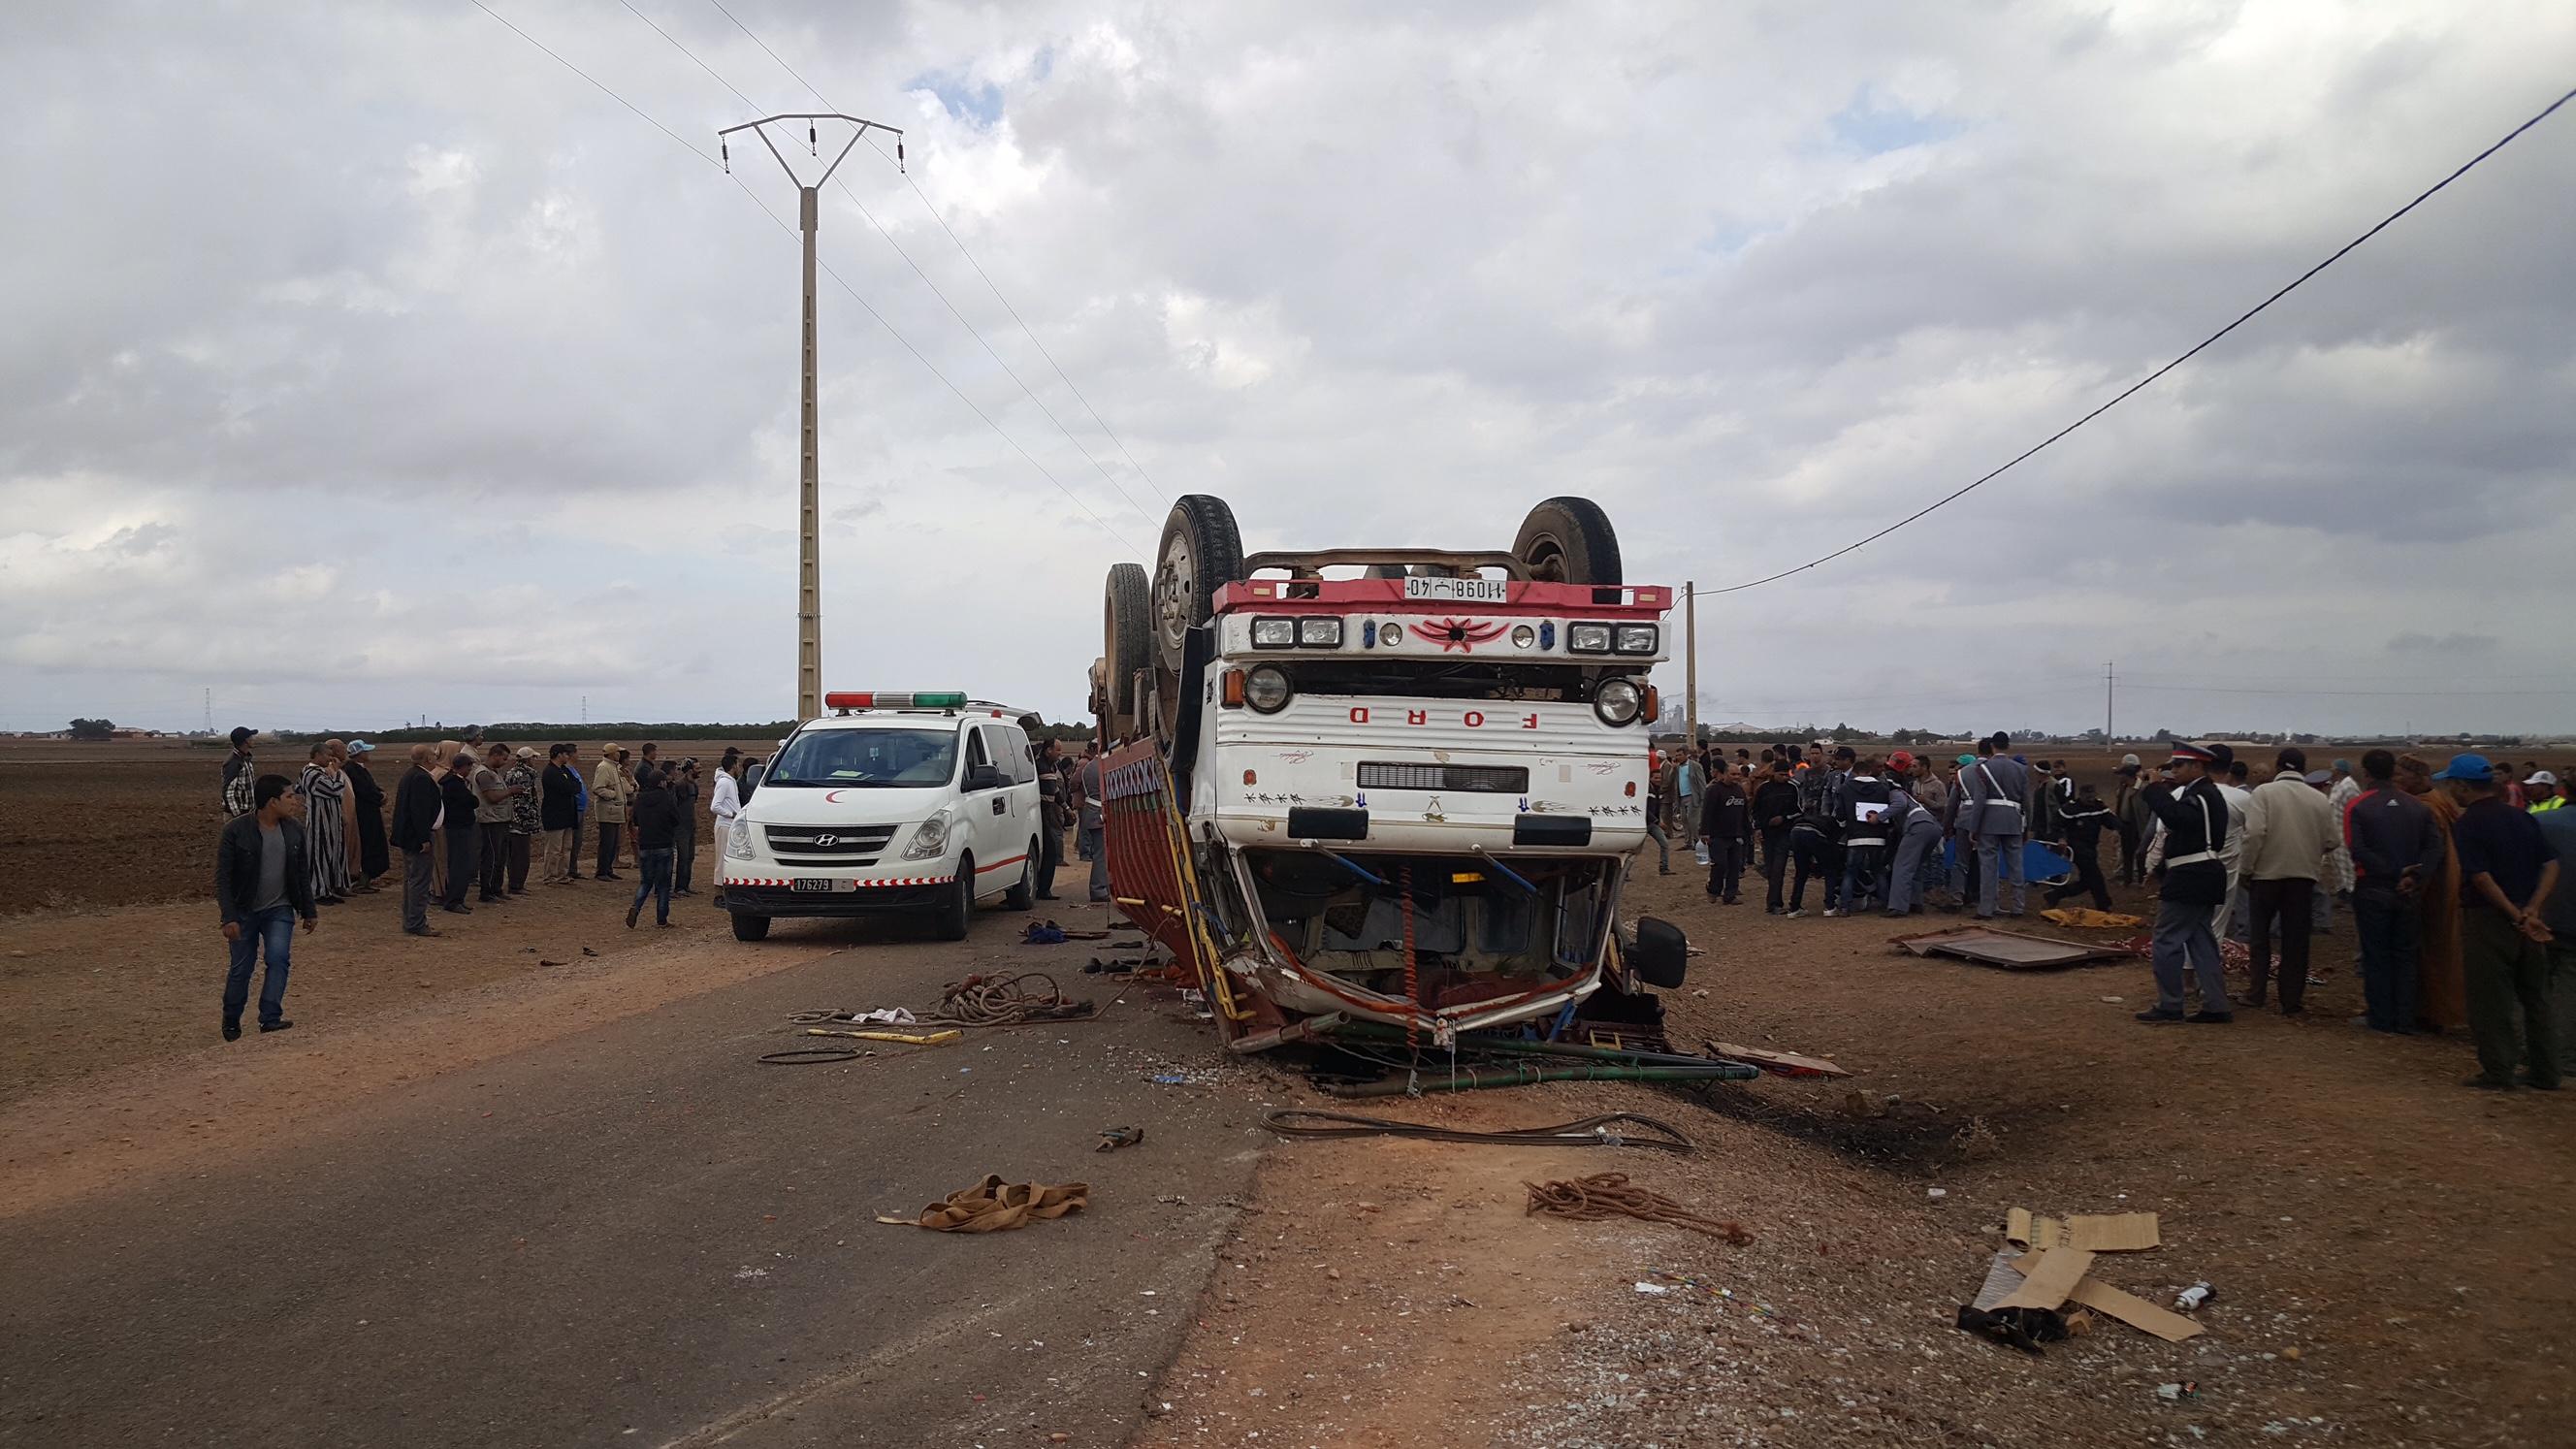 حفلة خطوبة تنتهي بمصرع 8 أشخاص وإصابة 20 آخرين بعد انقلاب شاحنة قرب برشيد